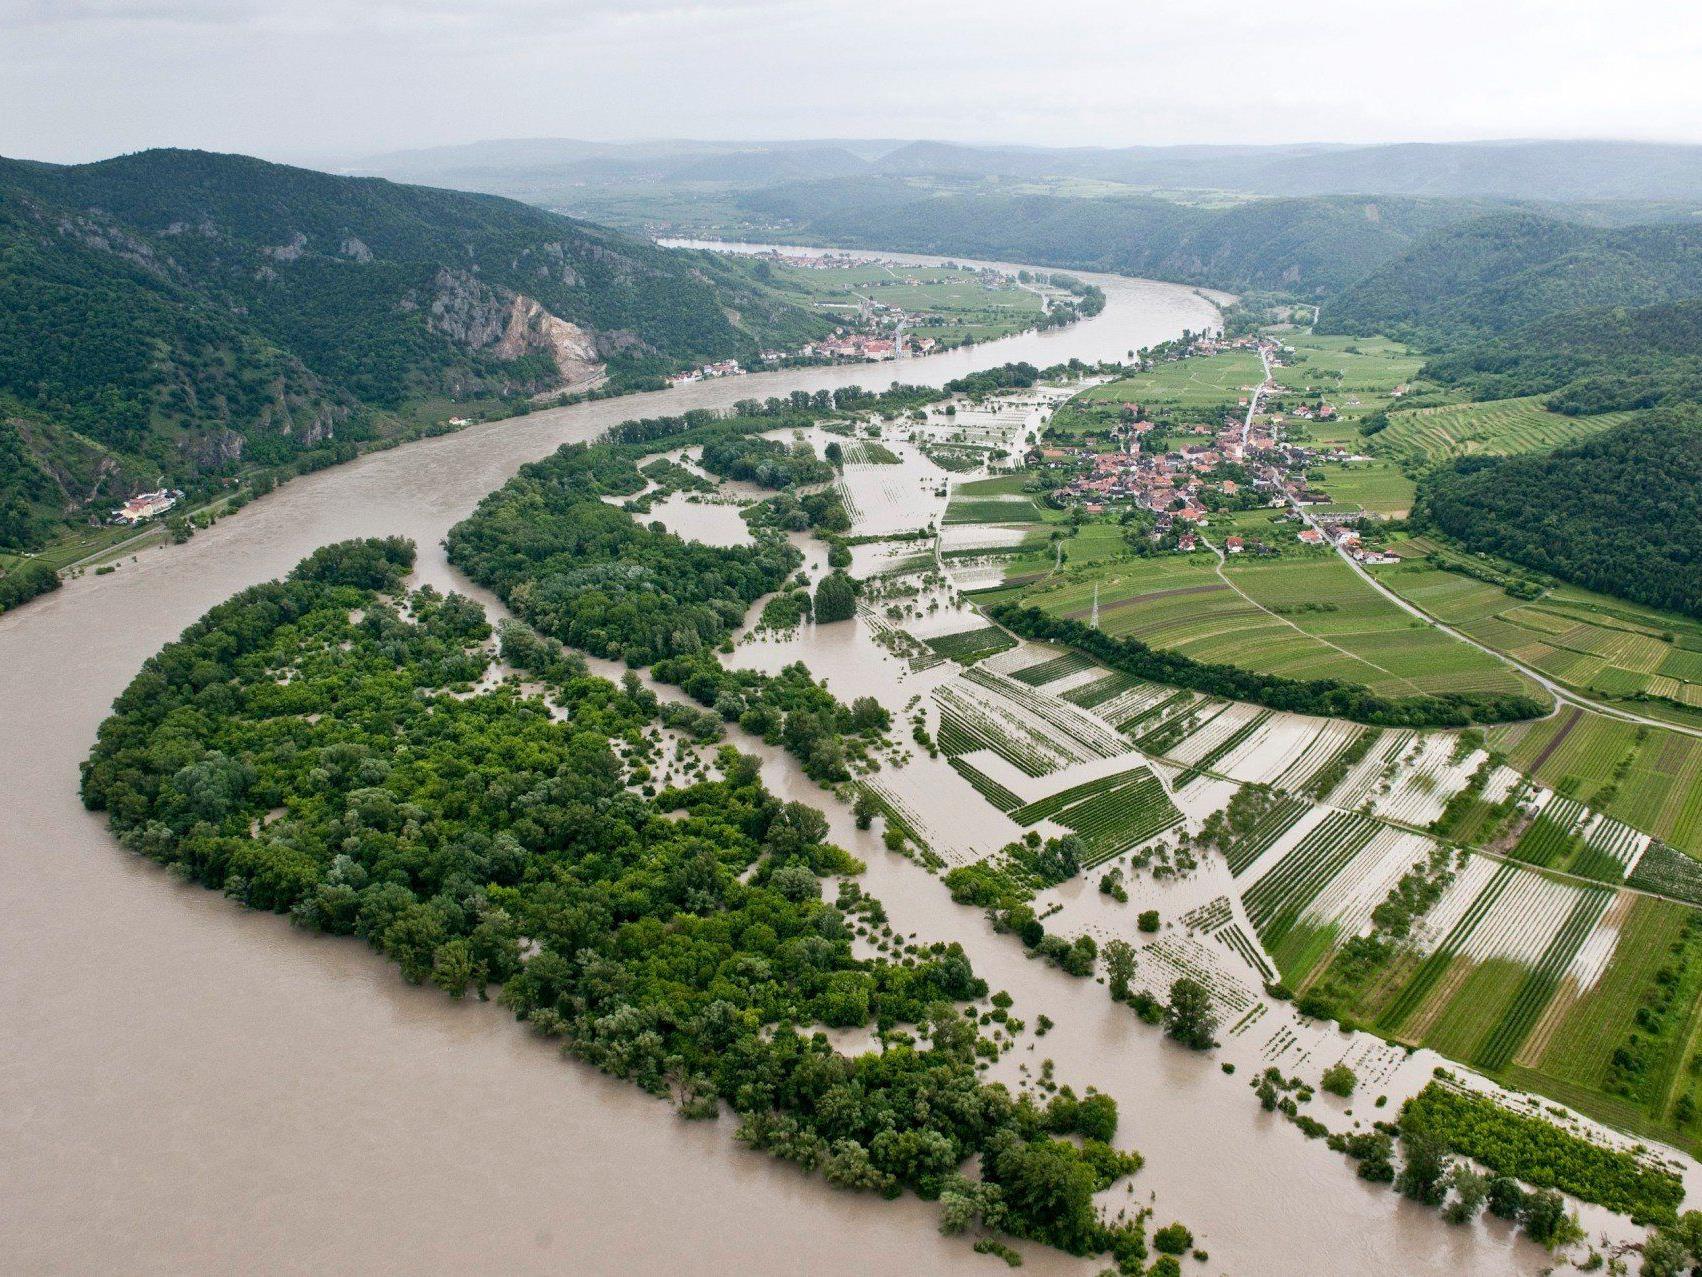 Hochwasser: Pegel der Donau steigt in NÖ und Wien noch